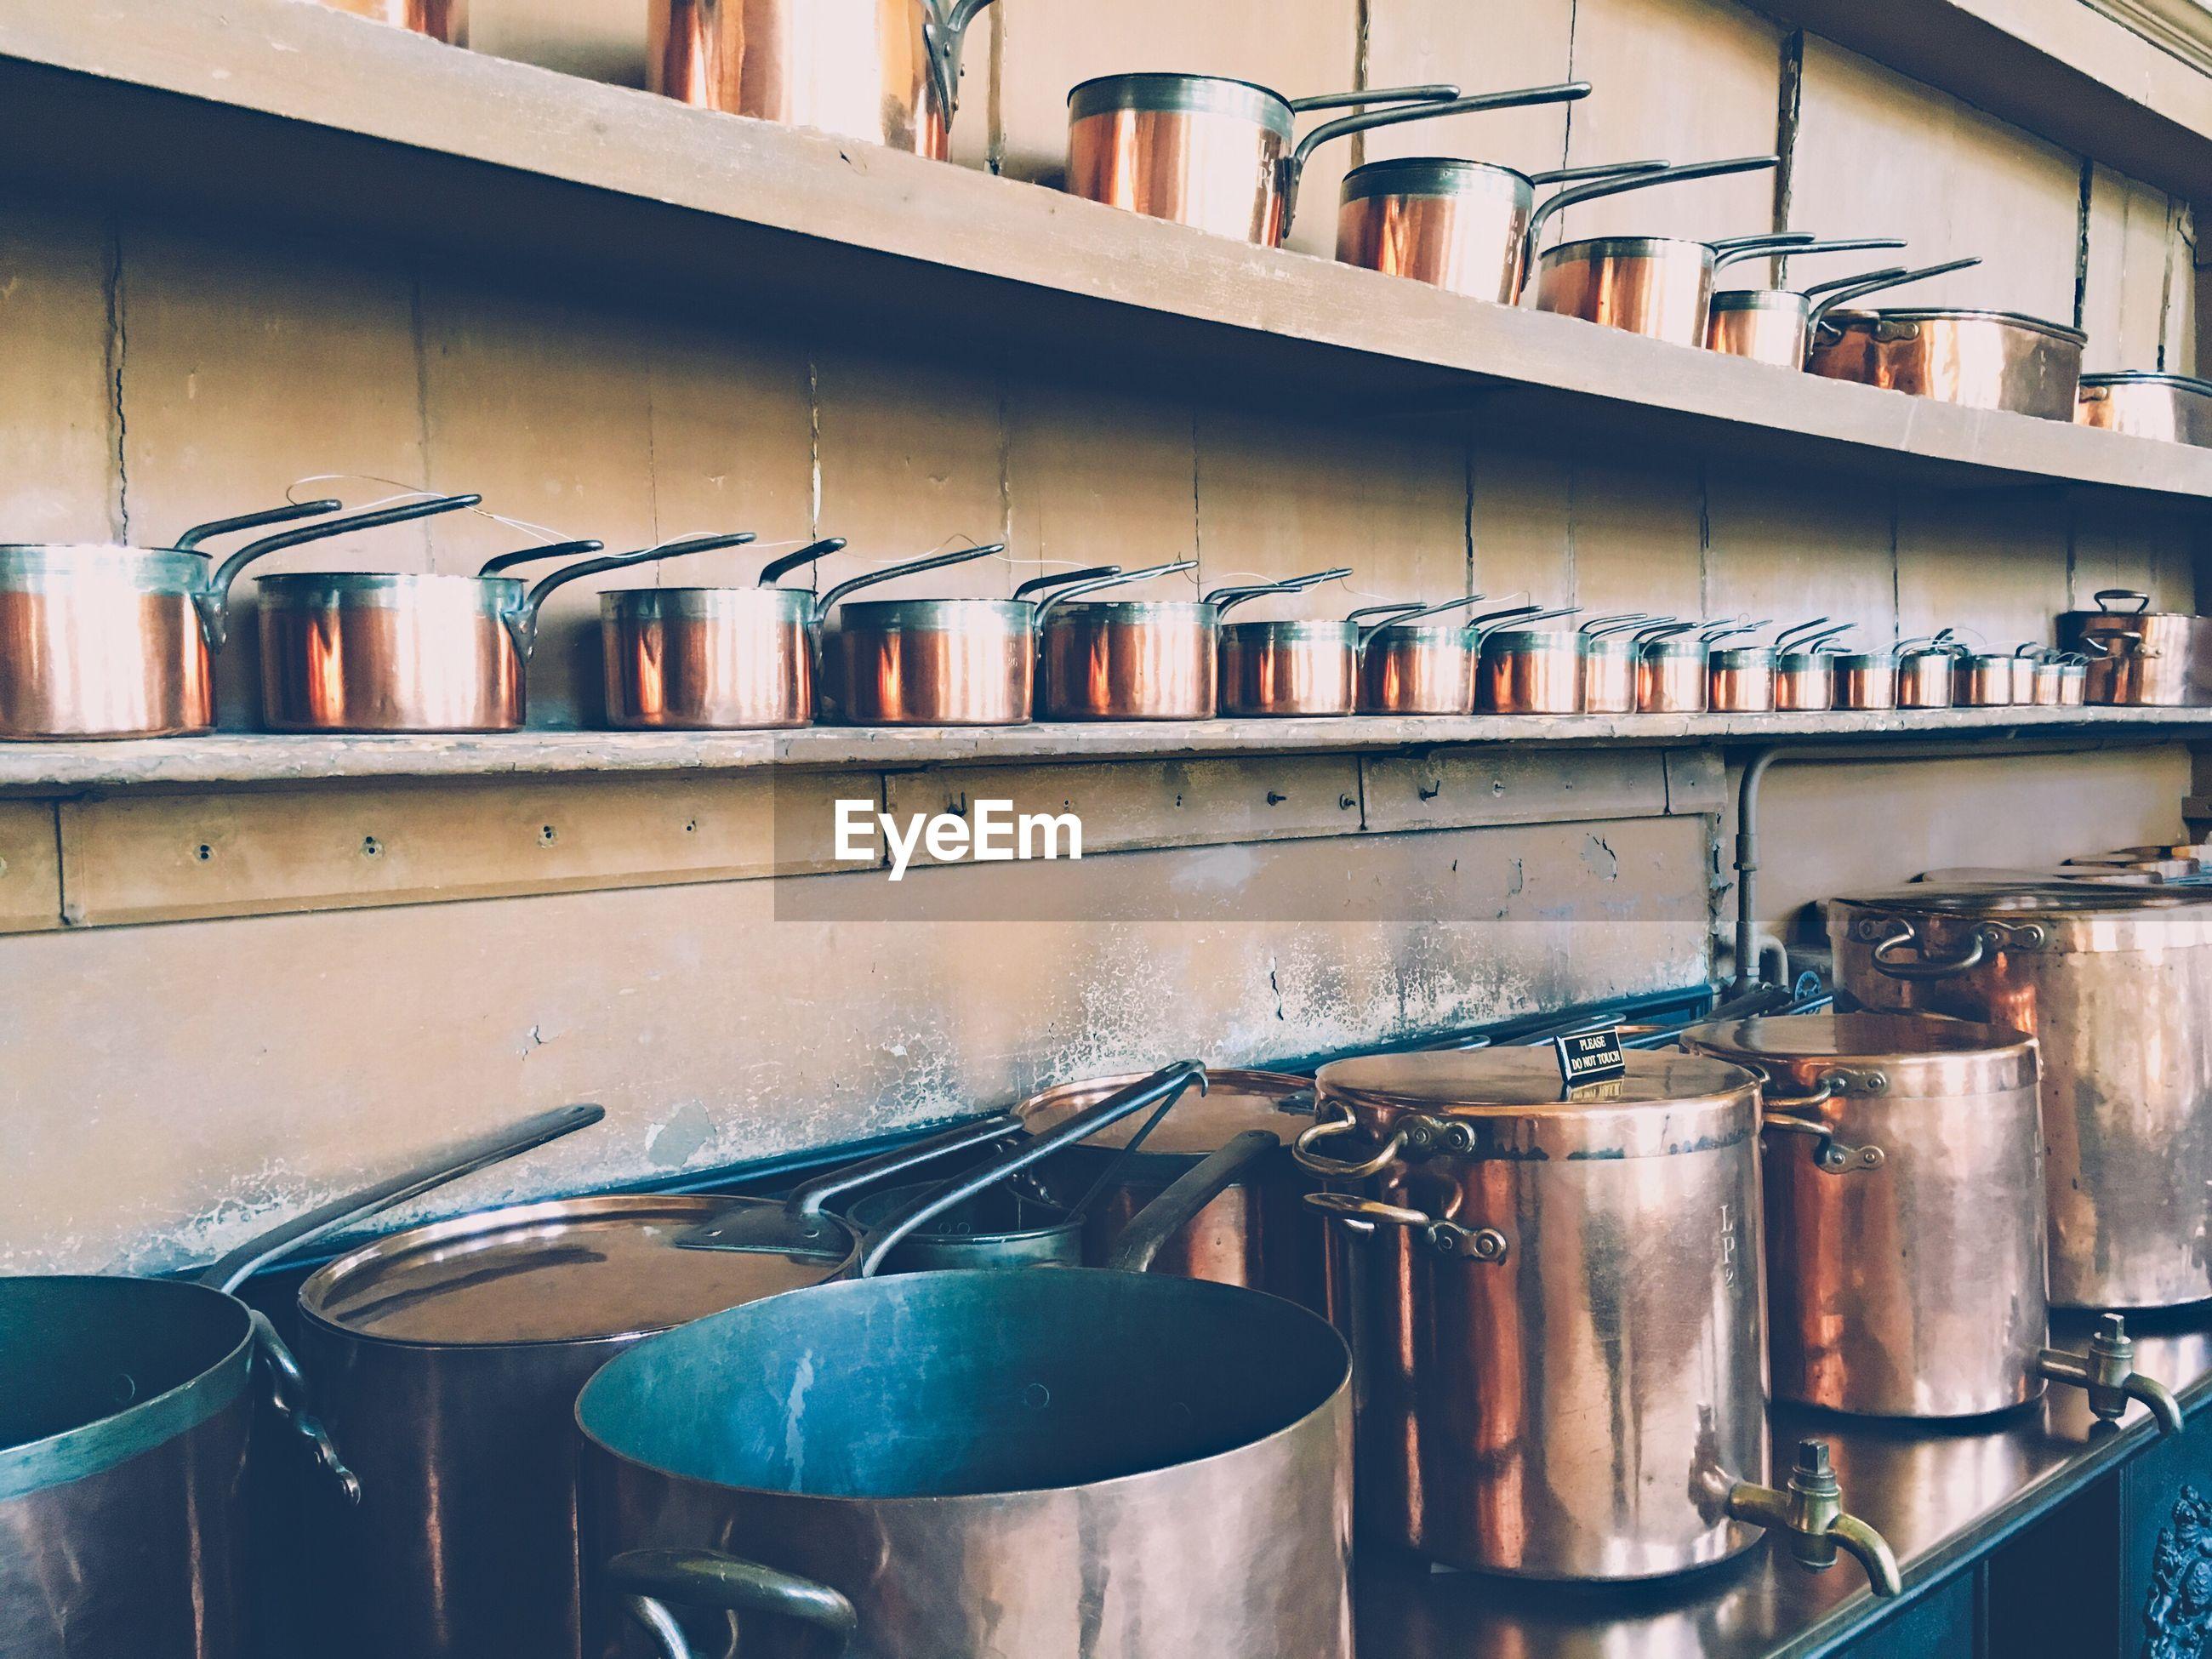 Copper utensils arranged on shelf in kitchen